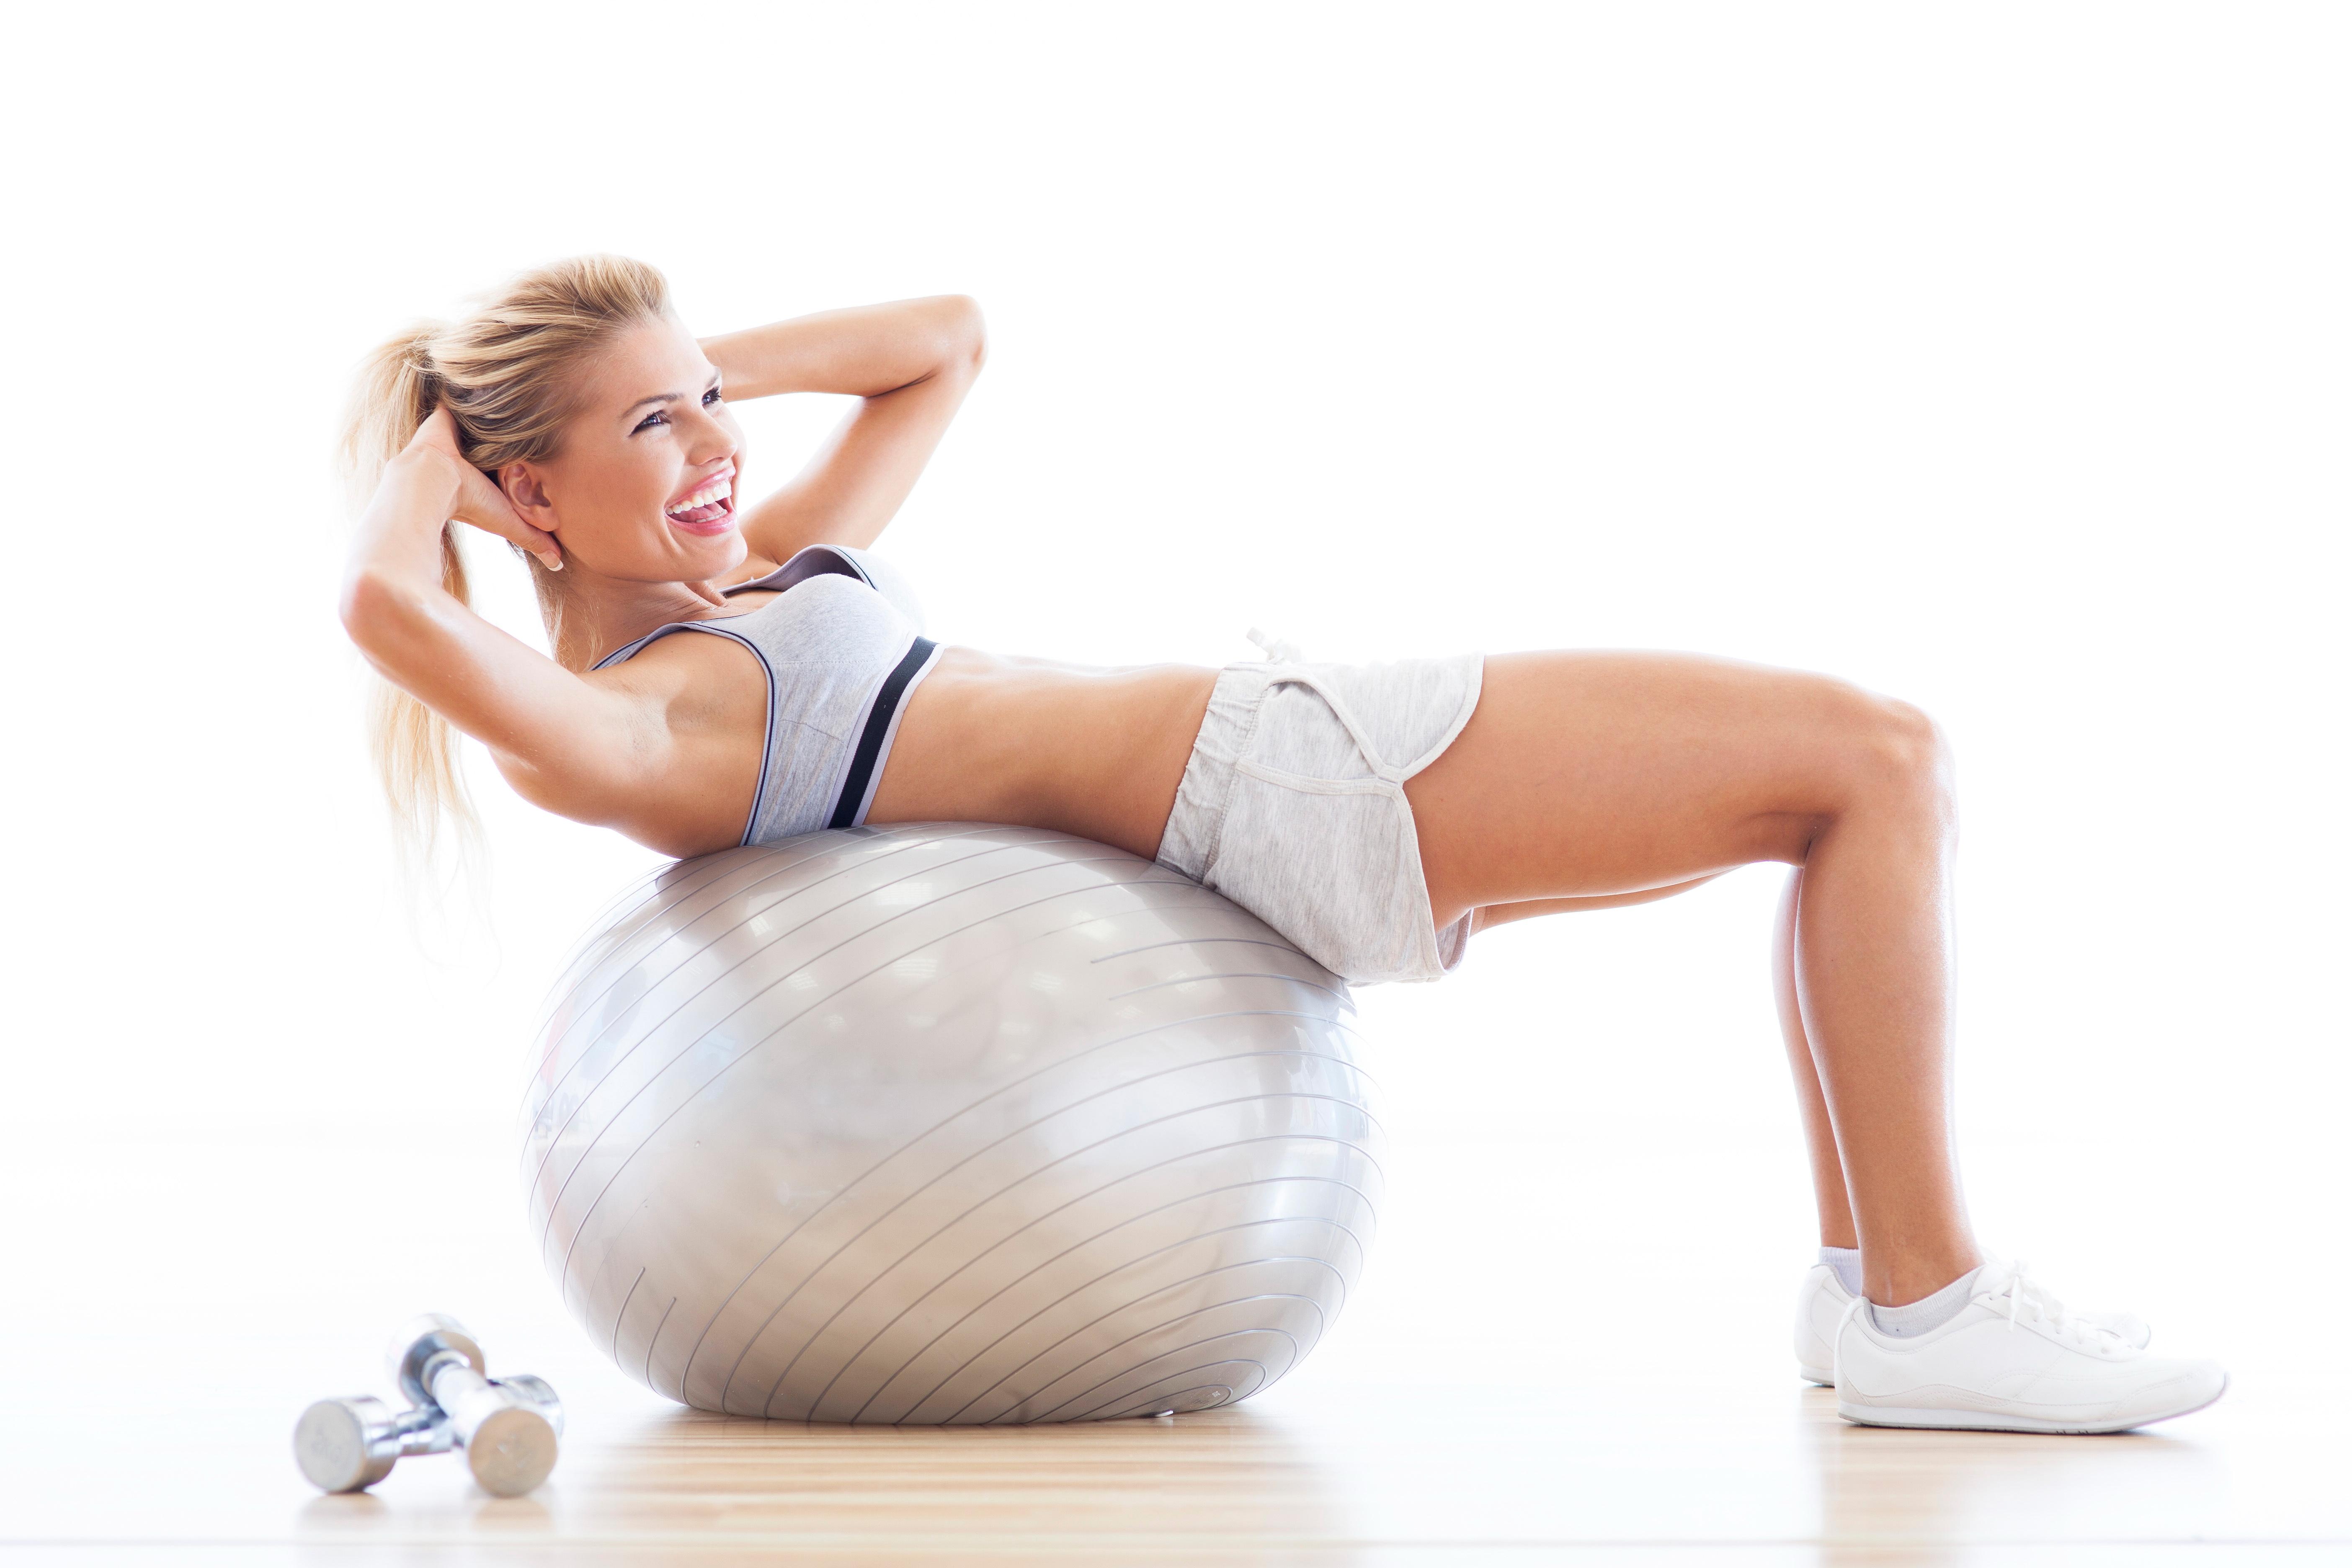 Спортивный инвентарь для похудения